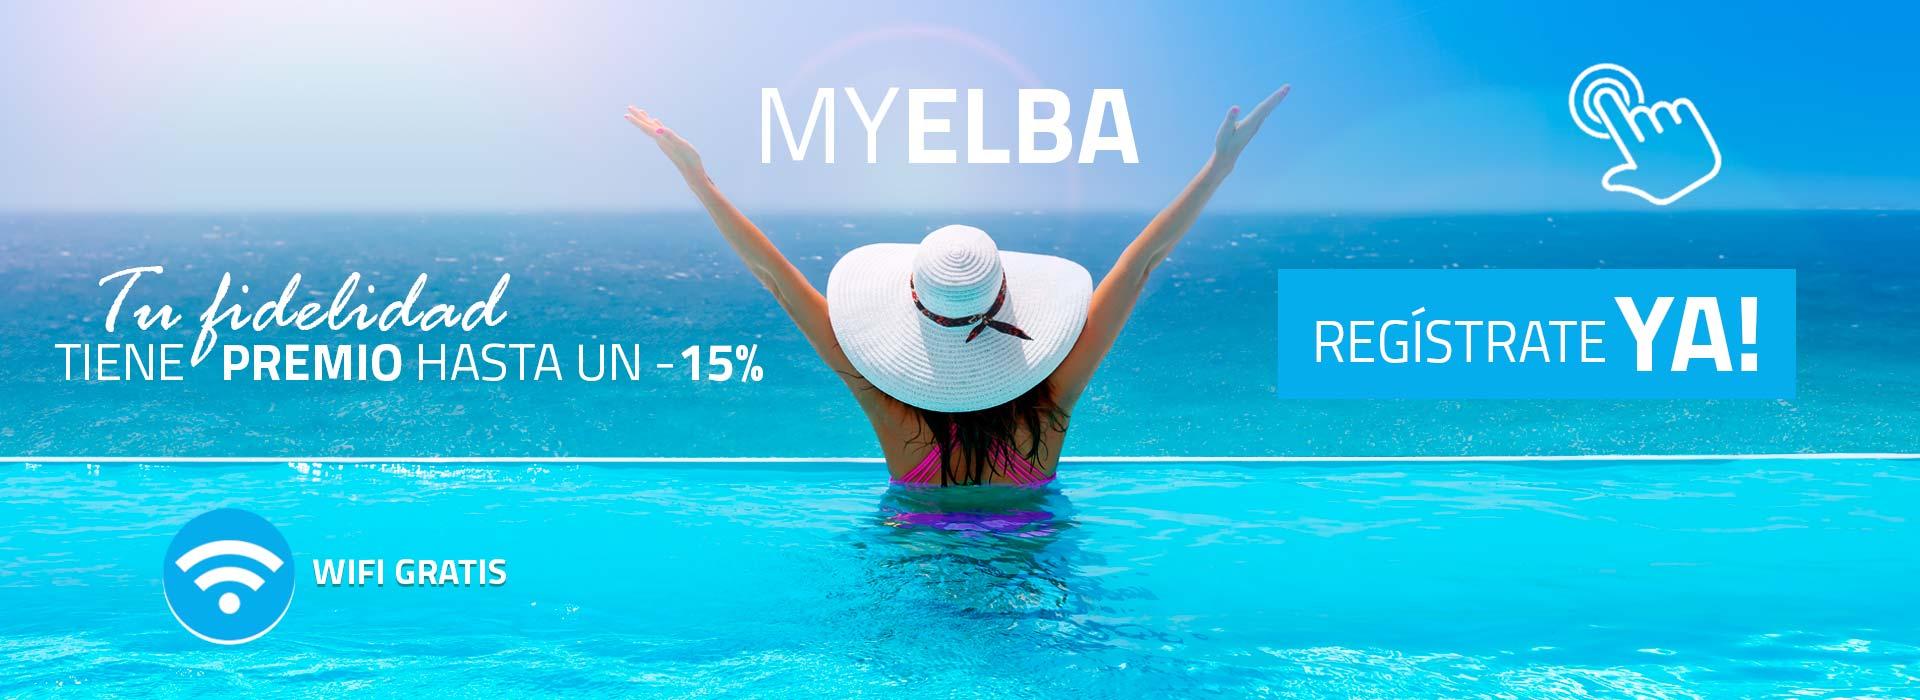 My Elba hasta -15%